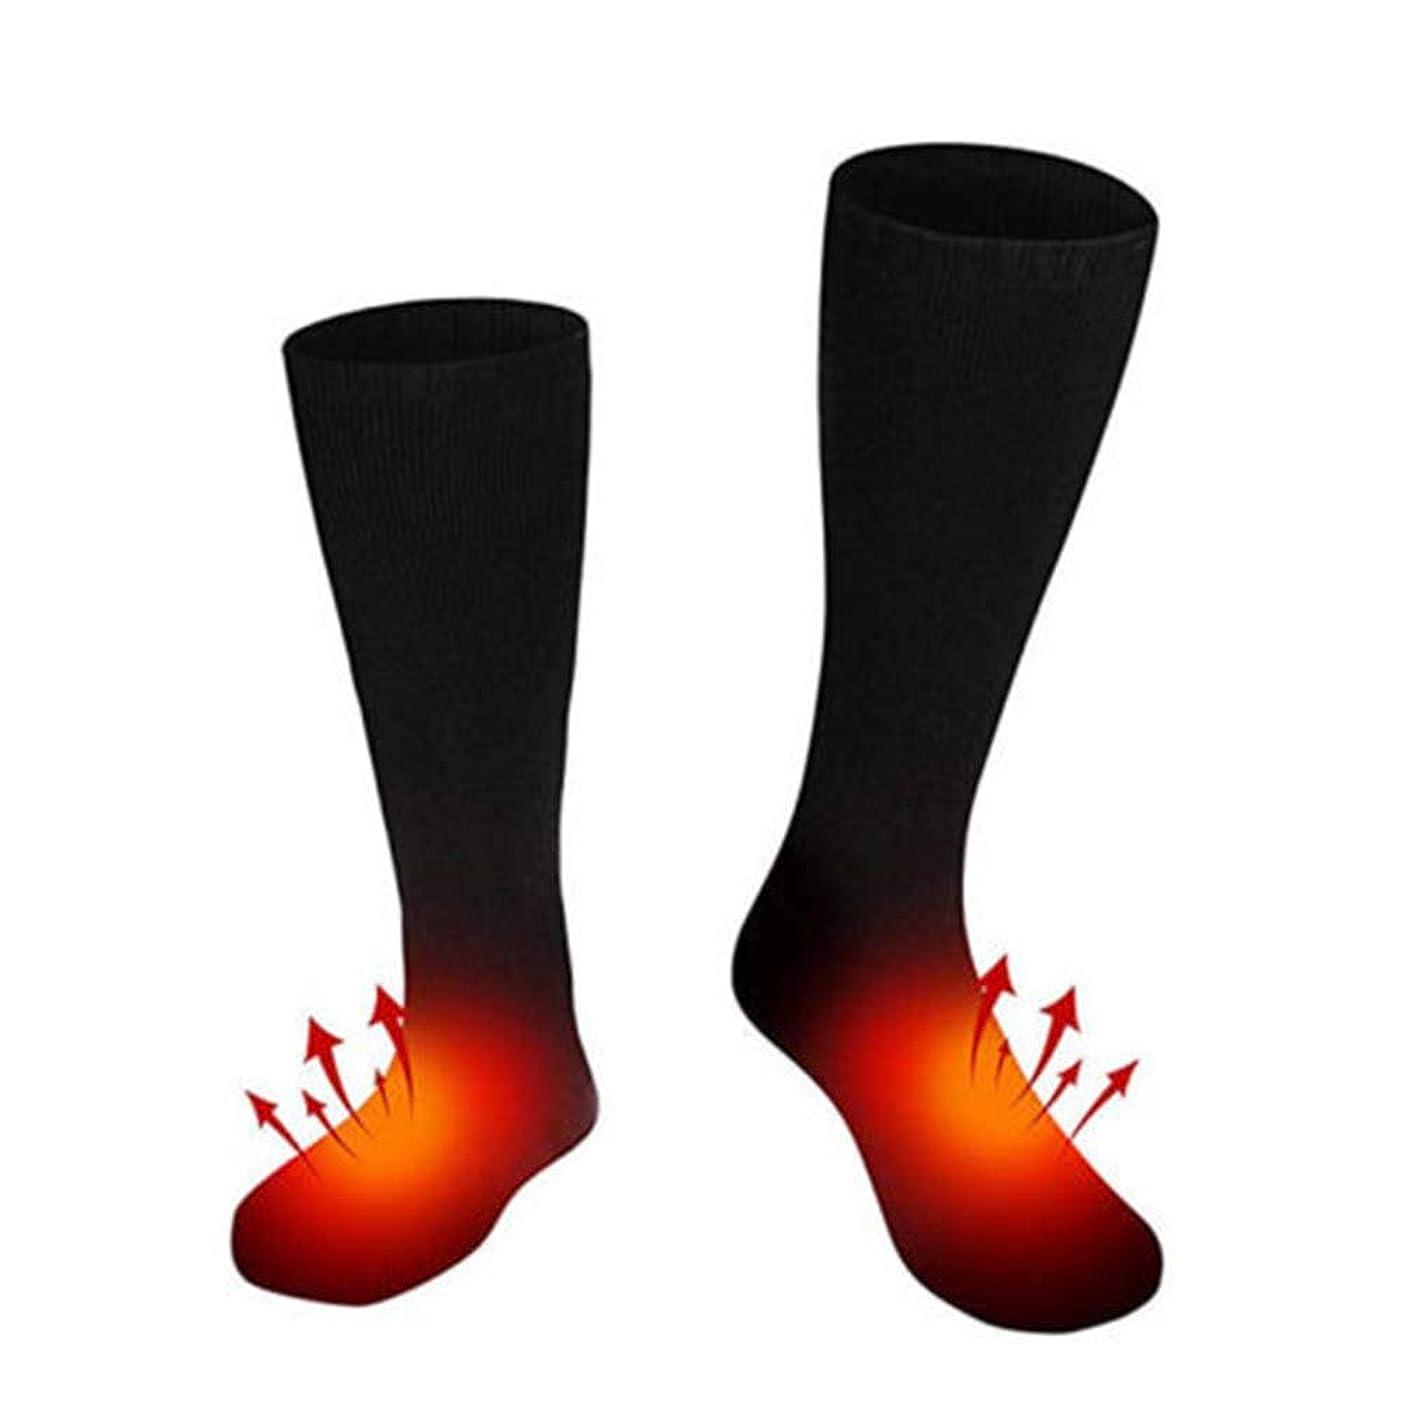 正規化ラメ招待ACHICOO 電熱ソックス 充電式ヒーター付靴下 充電式発熱保温靴下 釣り ハイキング スキー 防寒靴下 トゥウォーマー 暖かいフィート 男女兼用 くつした保温 3V